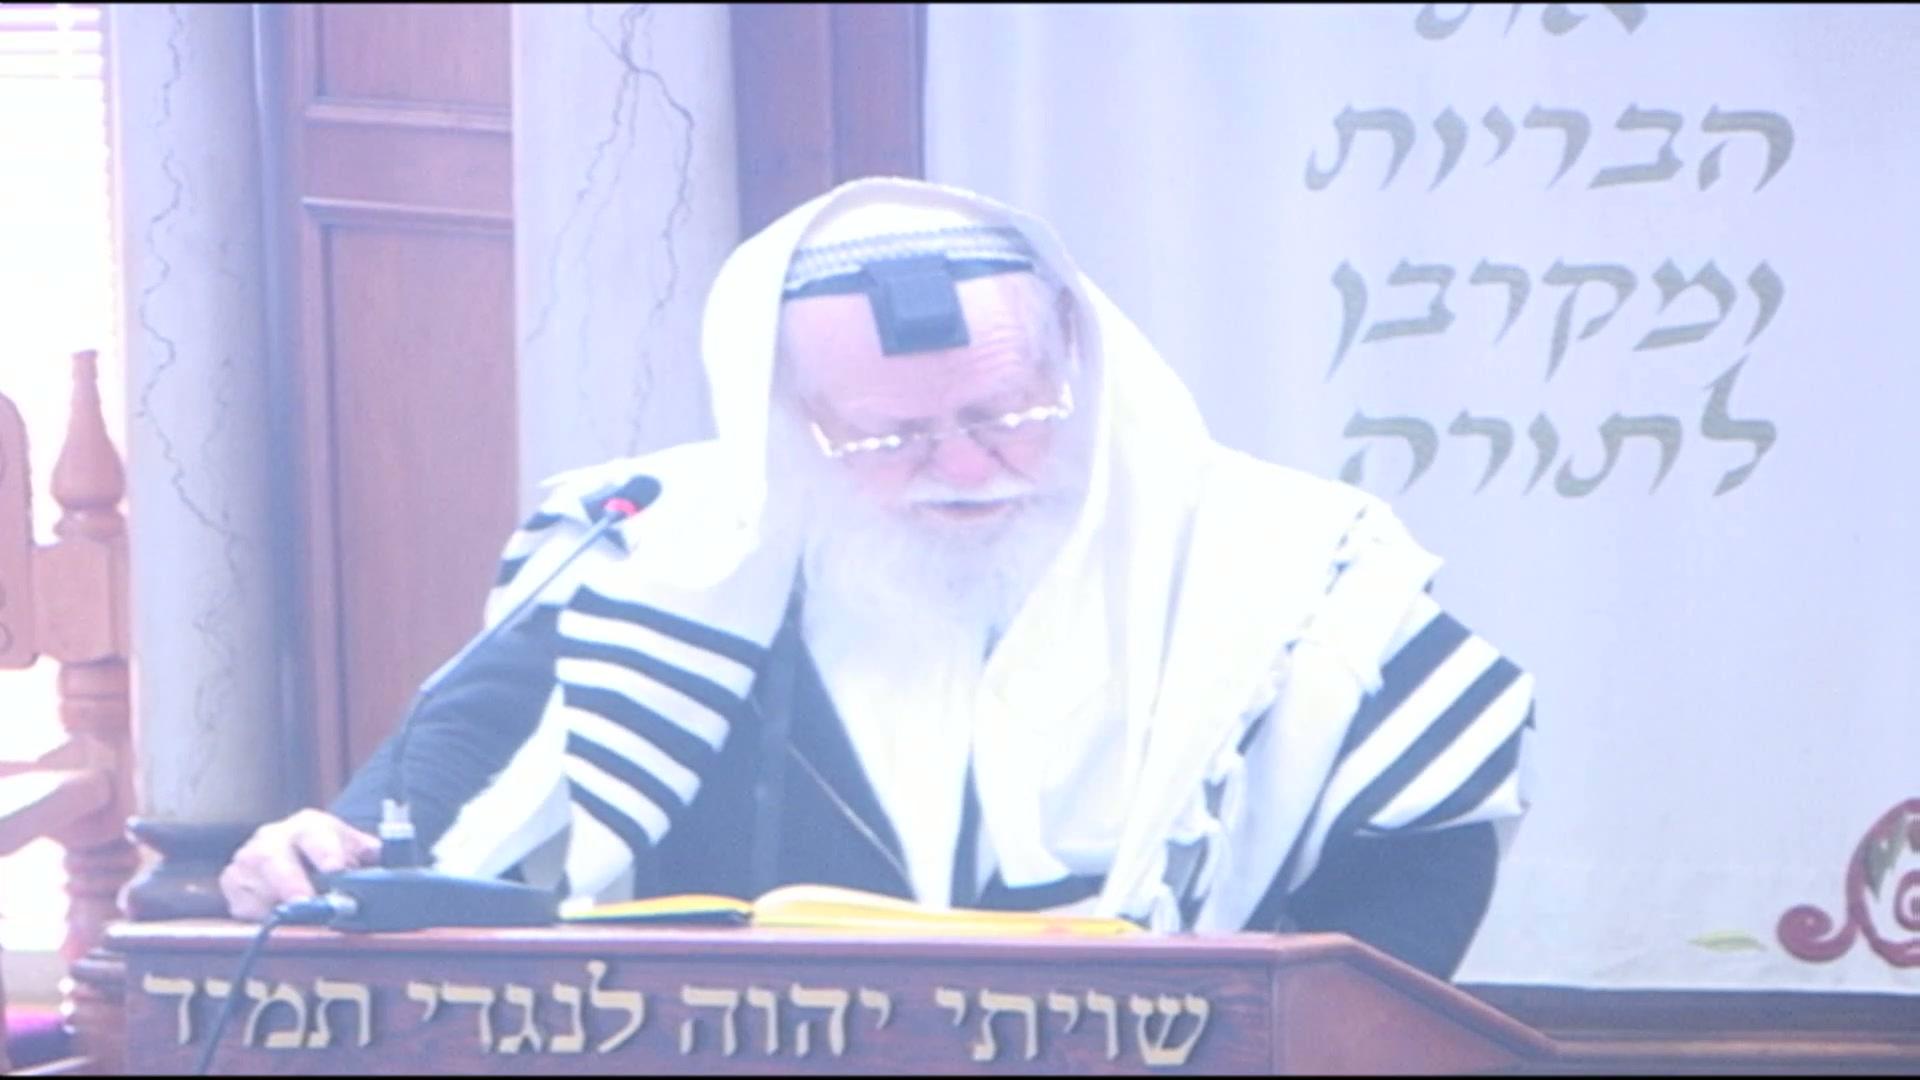 מצוה על כל אדם לאהוב את כל אחד מישראל כגופו